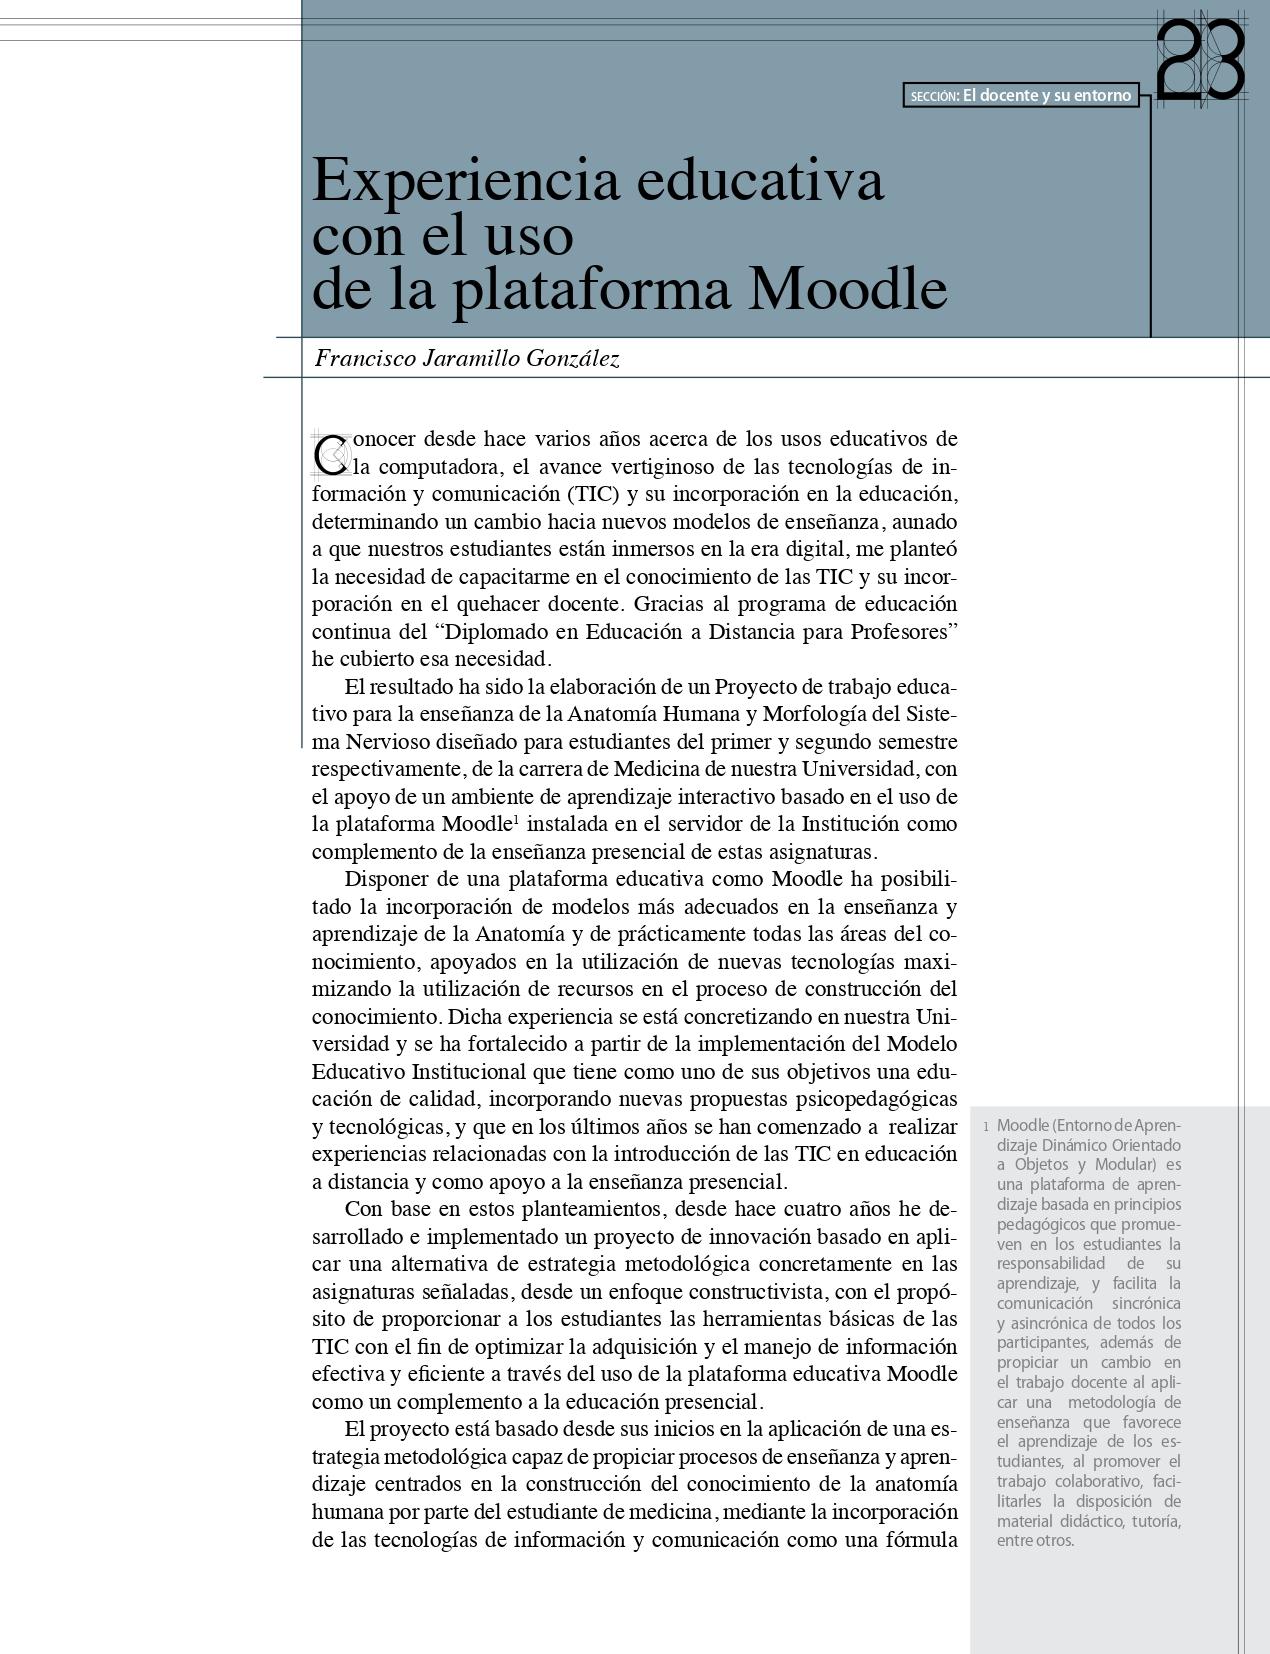 imagen-artículo